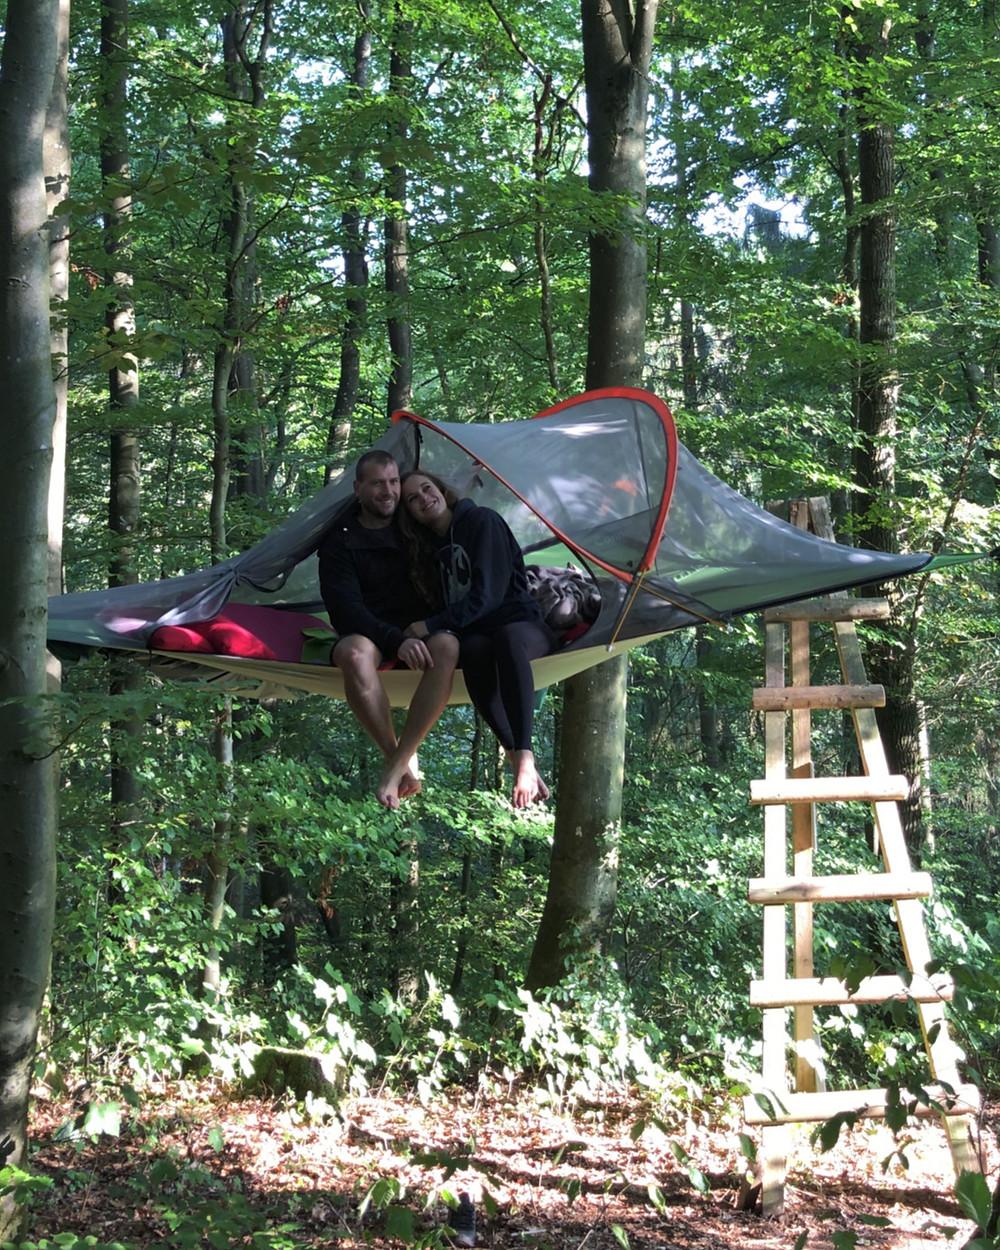 Baumzelt-eifelAdventures-Erfahrungen-träumen-in-den-bäumen